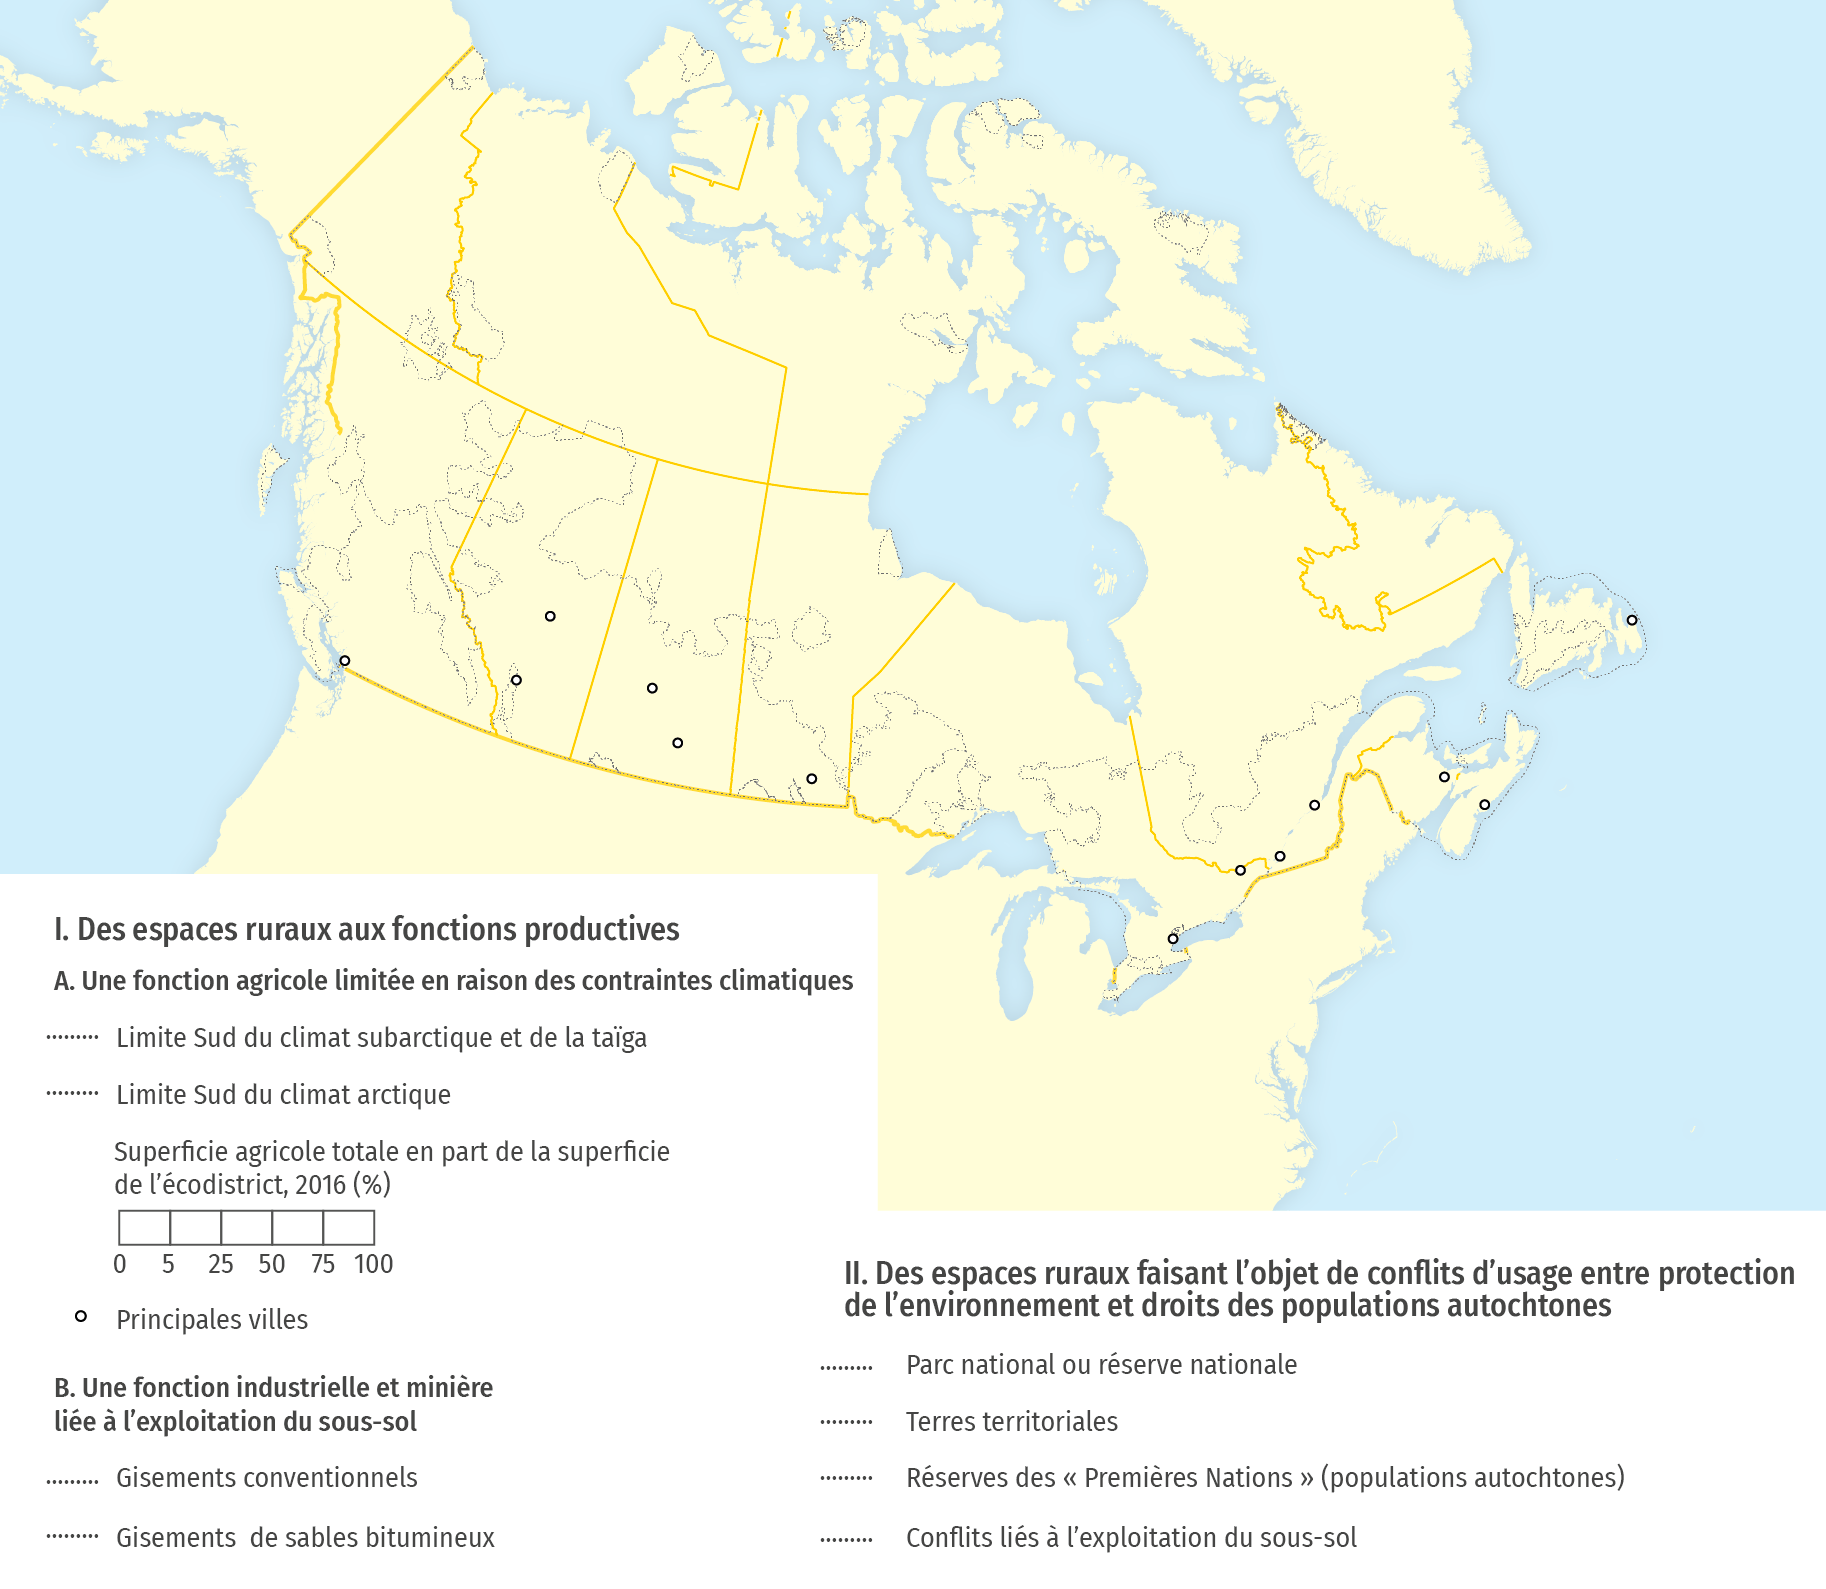 Les espaces ruraux canadiens : une multifonctionnalité marquée